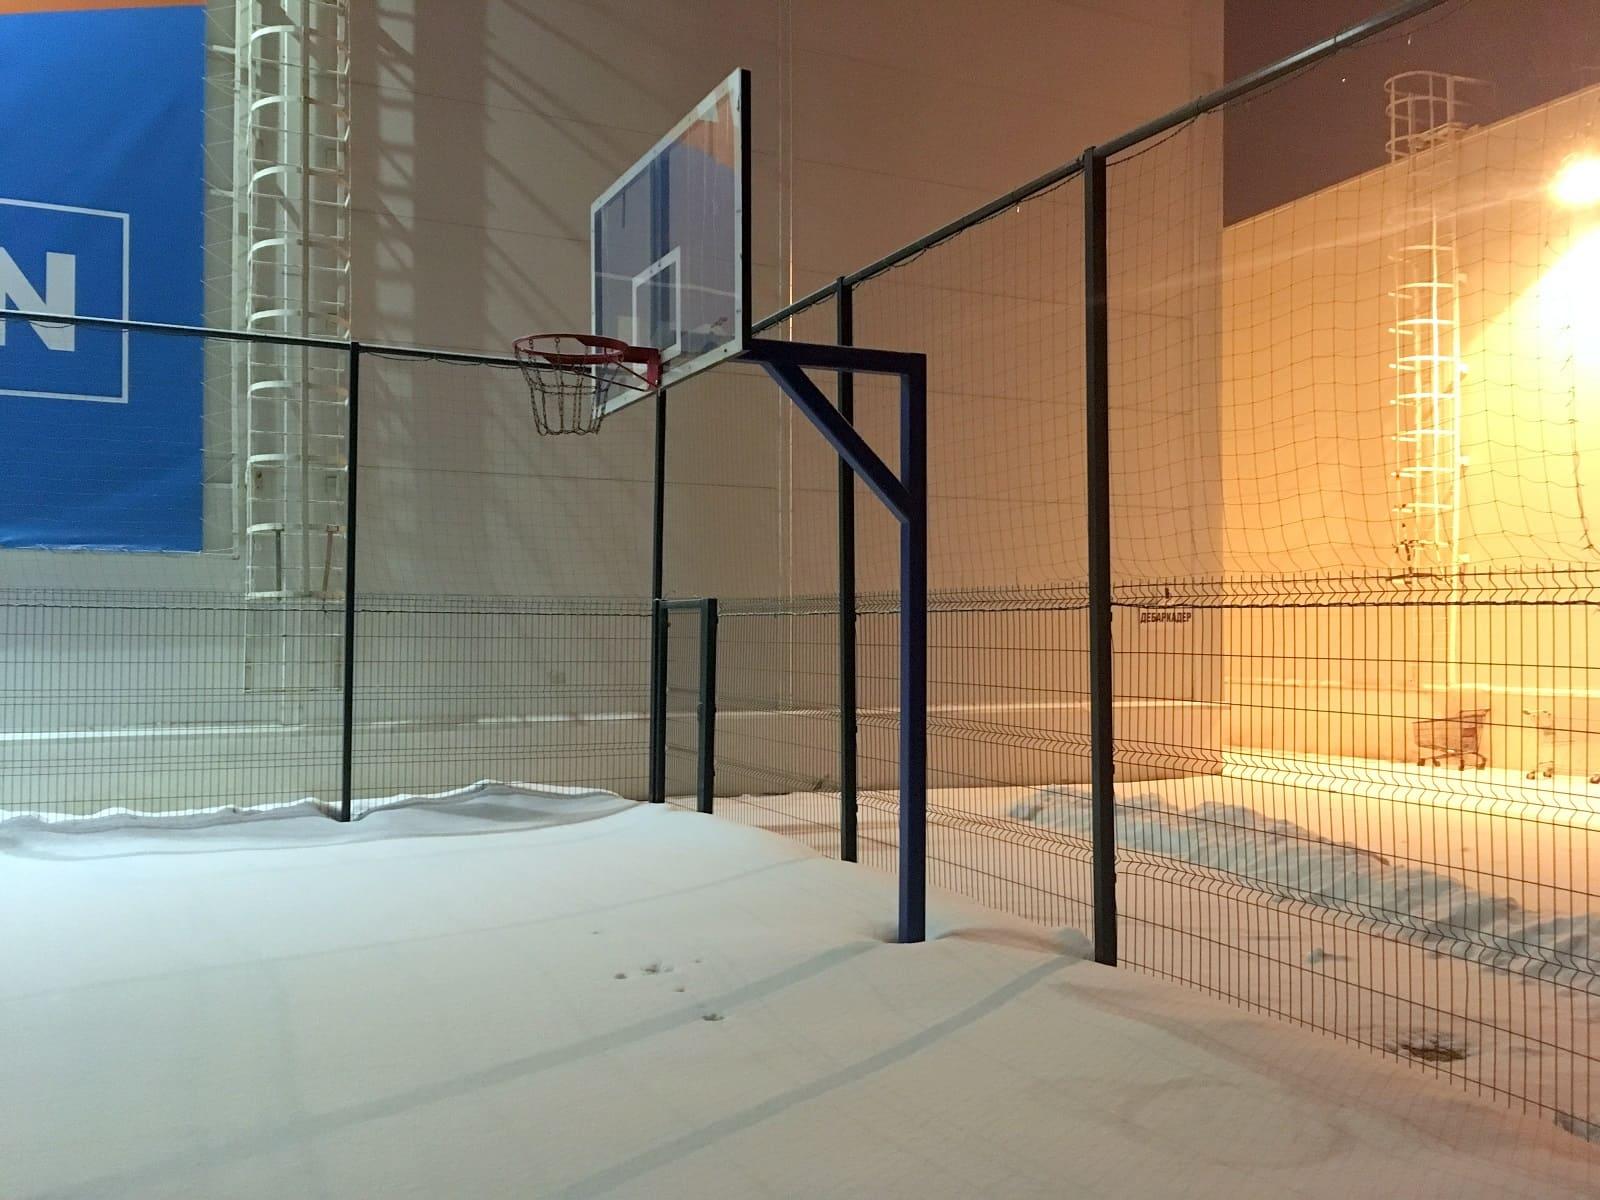 Стойка уличная баскетбольная, вынос 1,2 метров